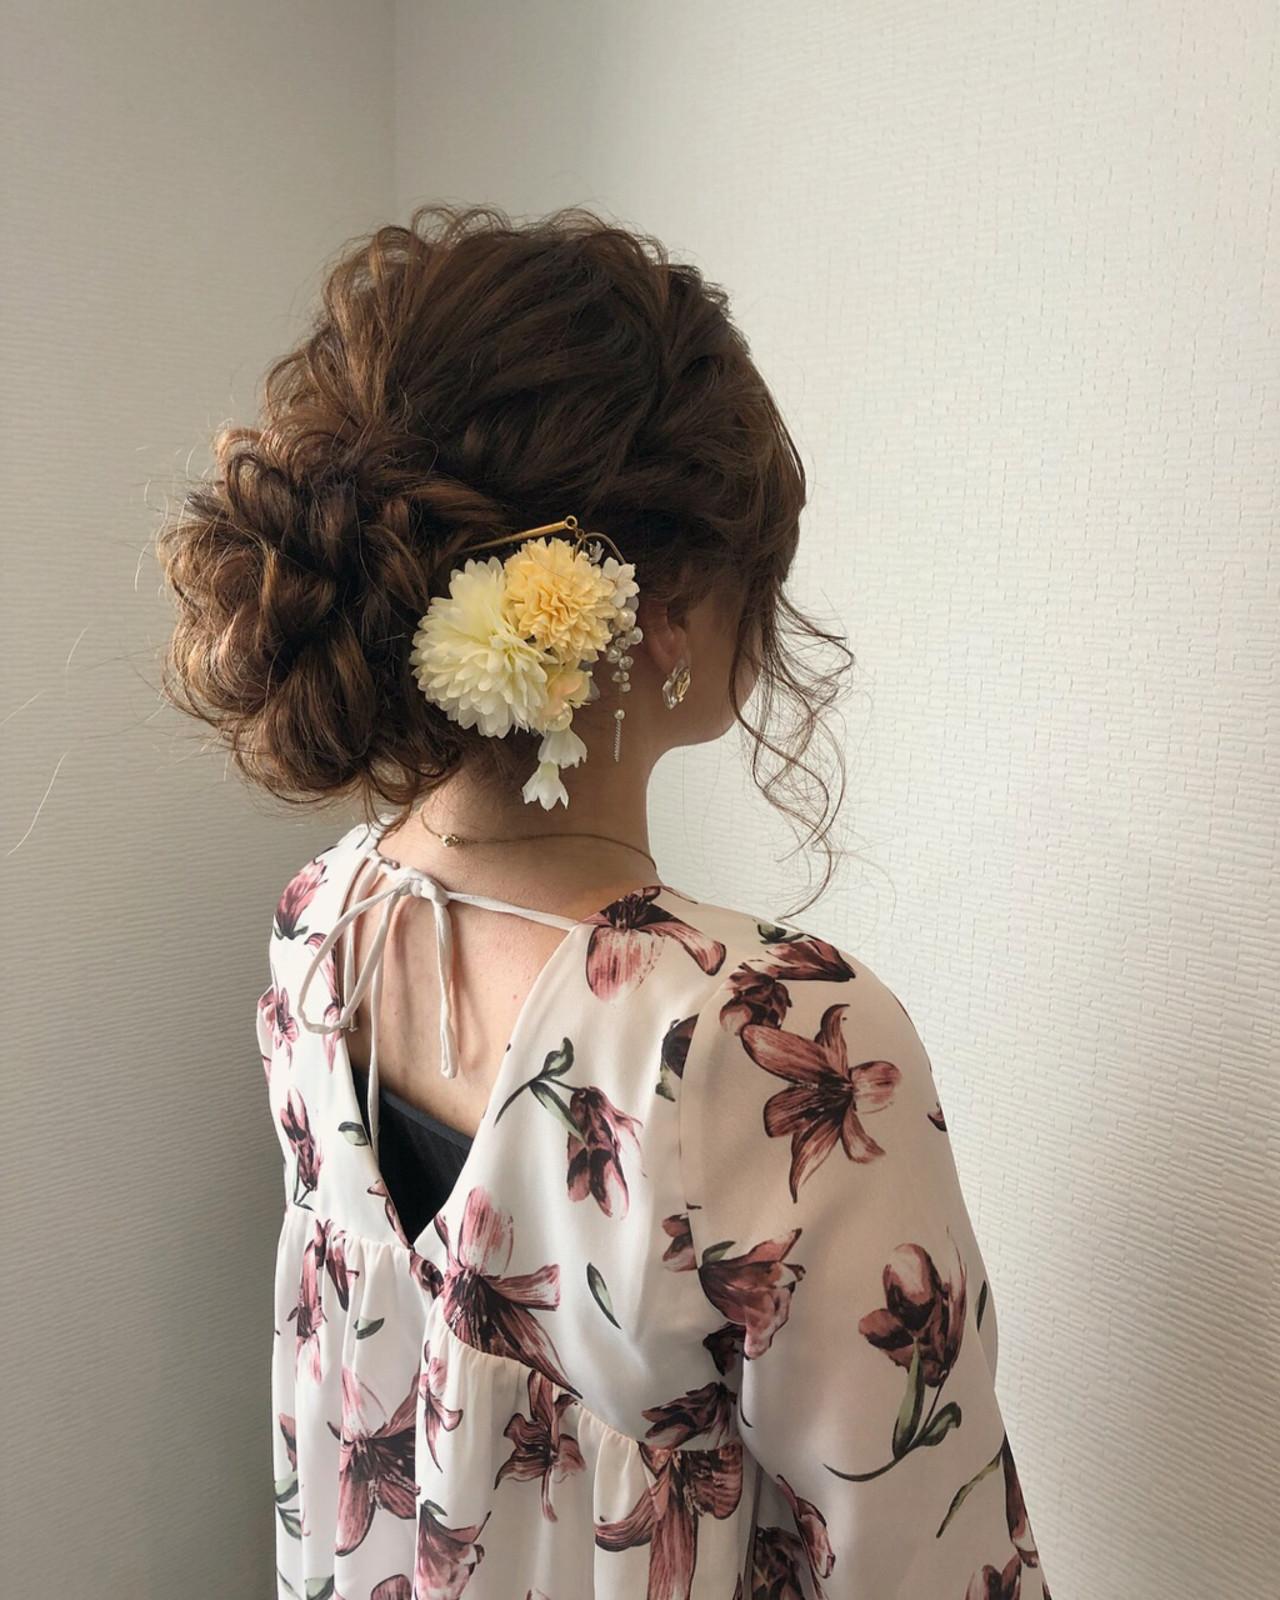 フェミニン 和装 アップスタイル ヘアアレンジ ヘアスタイルや髪型の写真・画像